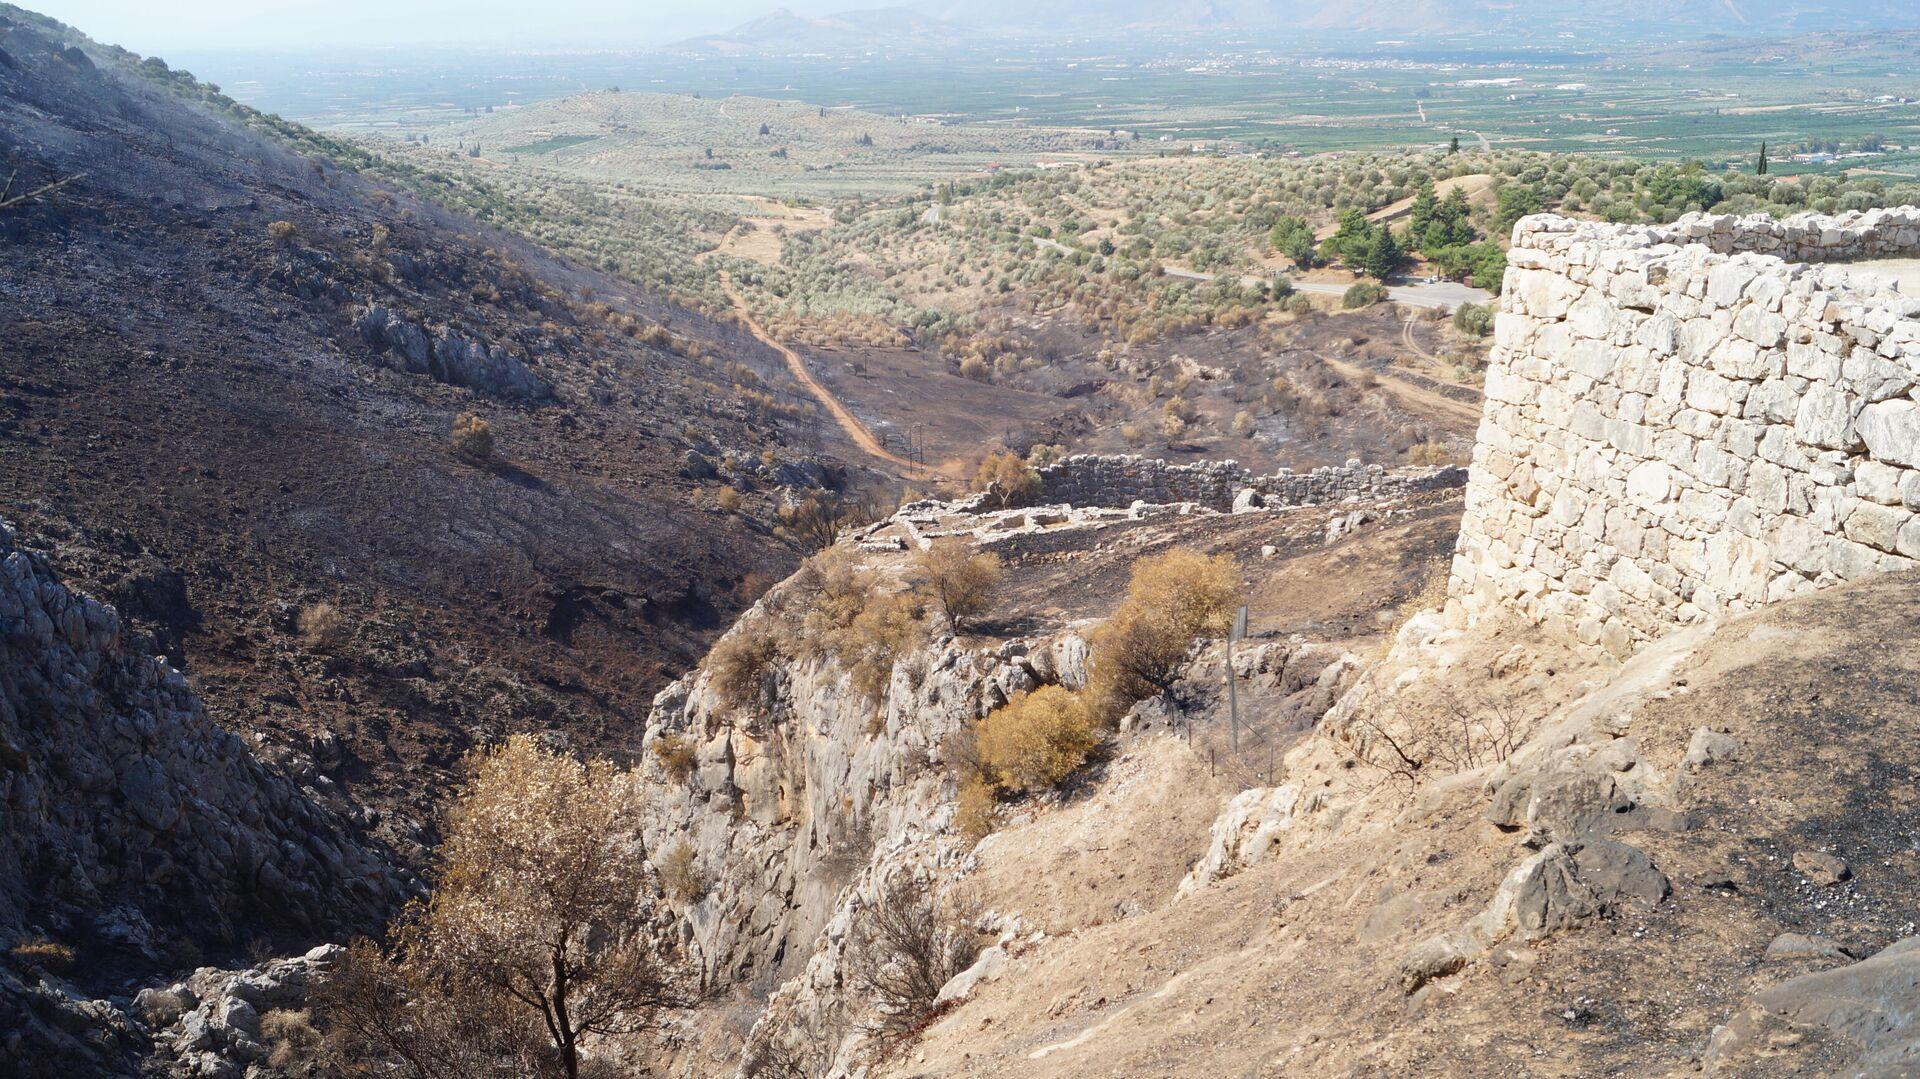 Последствия пожара на греческом полуострове Пелопоннес, на территории руин города Микены - РИА Новости, 1920, 21.06.2021